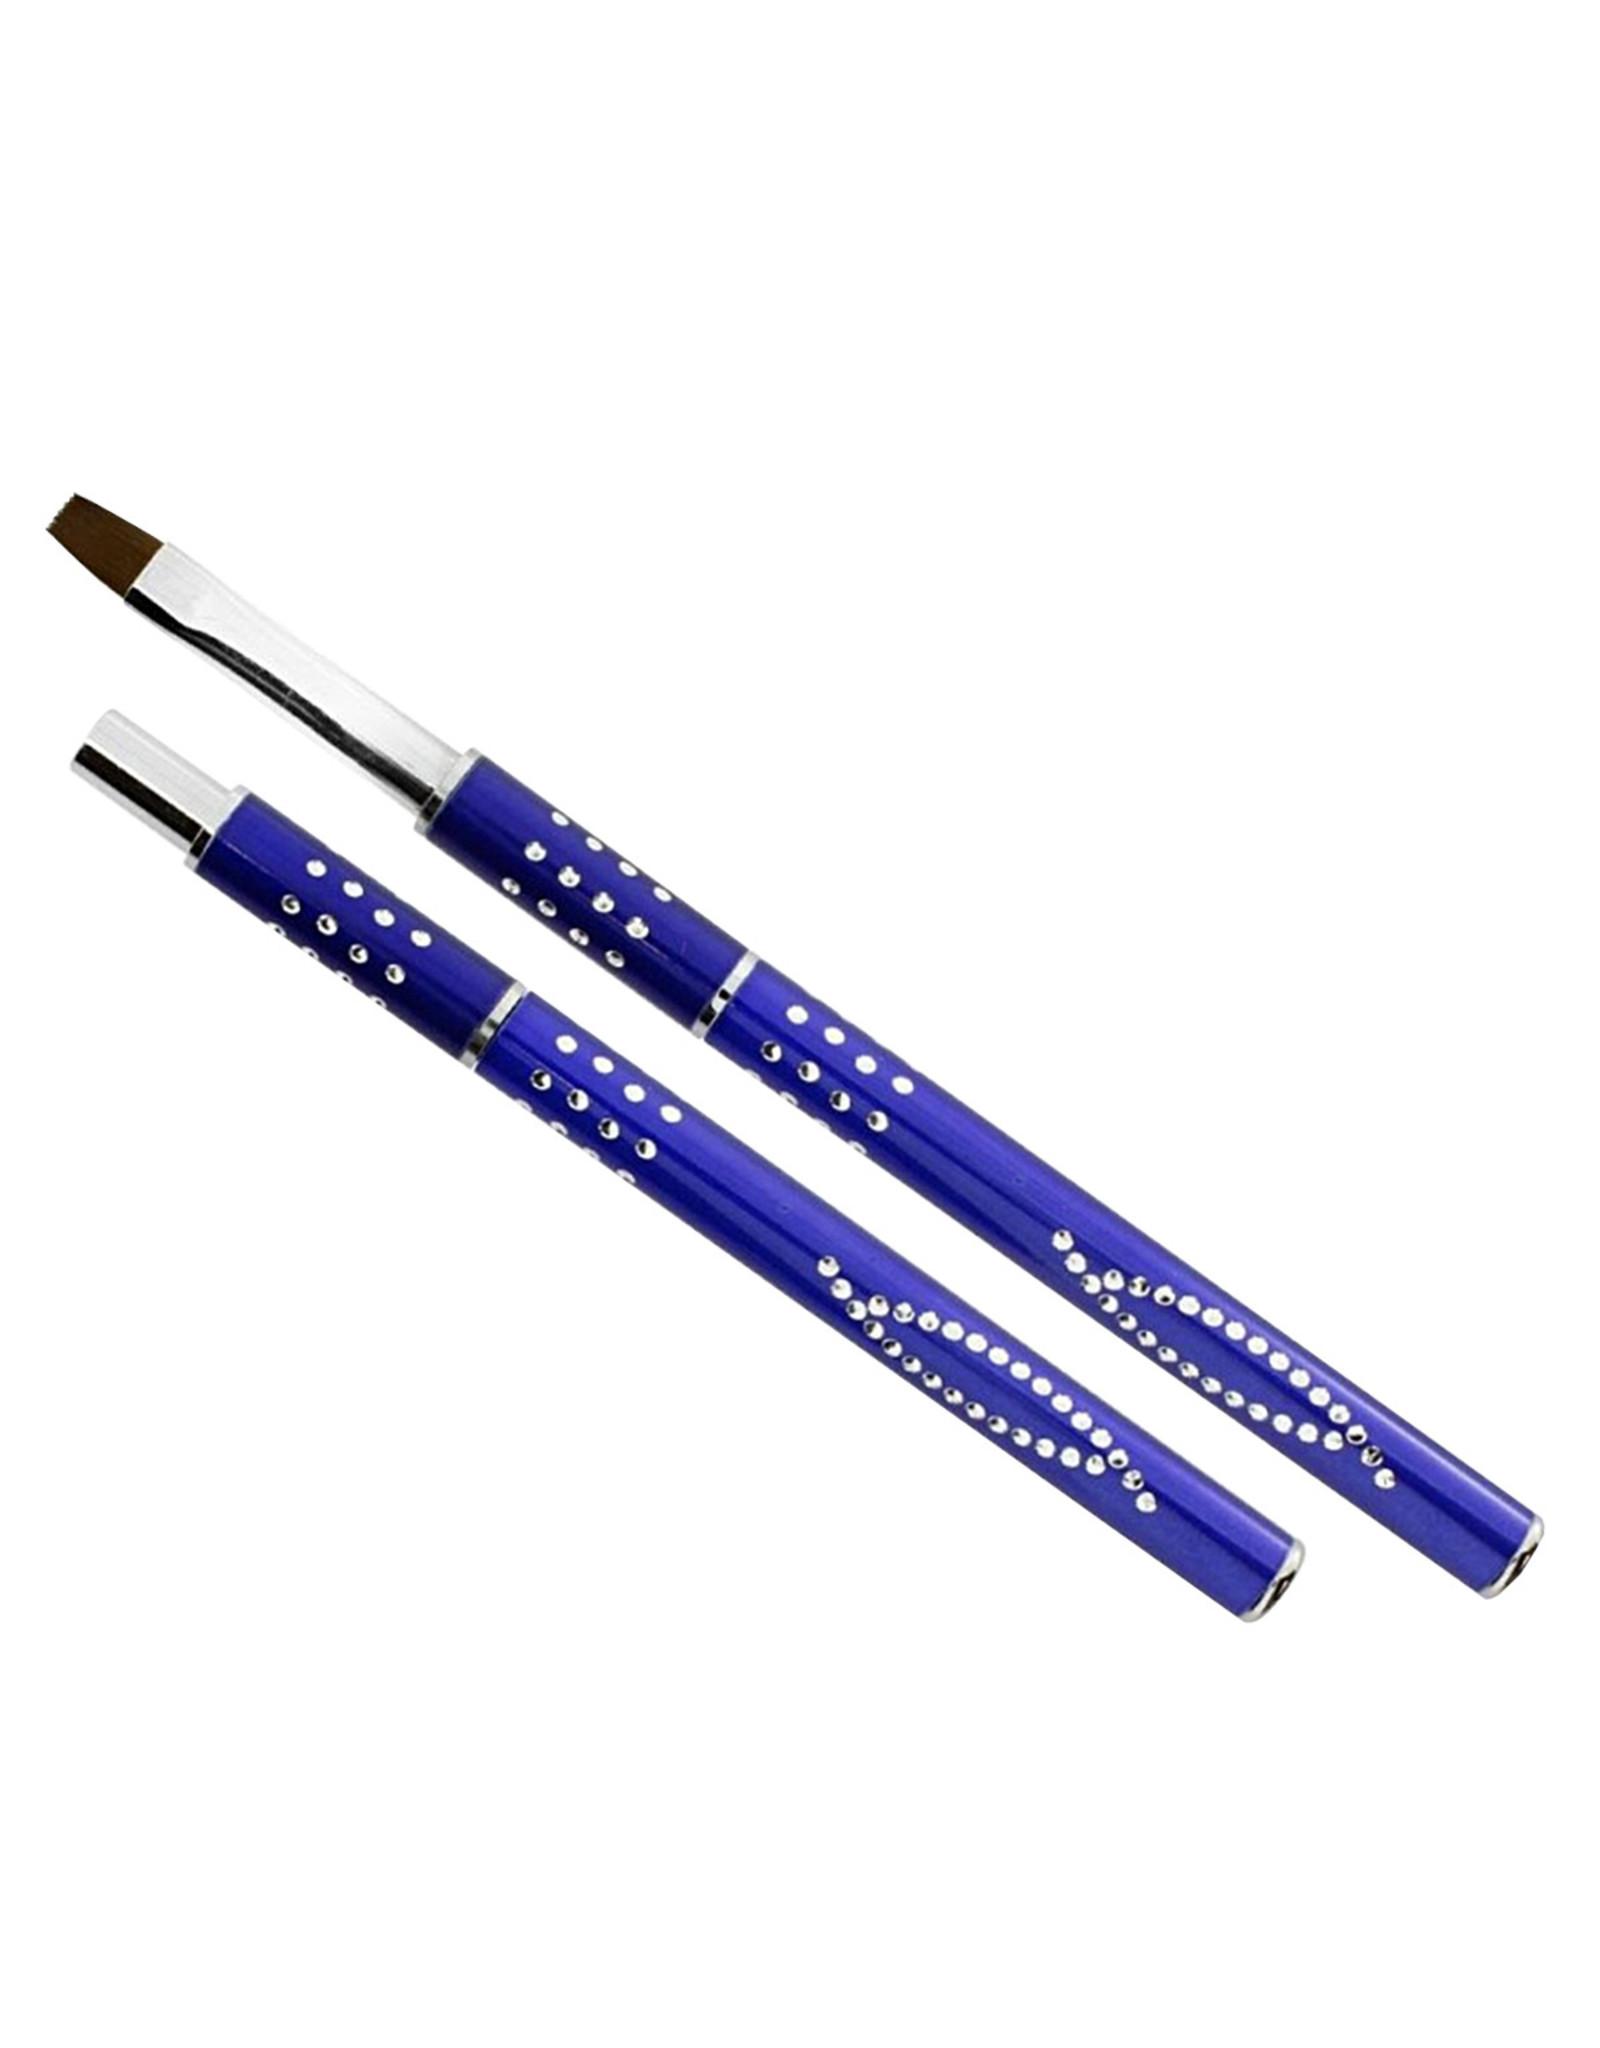 Merkloos Gel-Penseel Blauw nr. 8 met steentjes